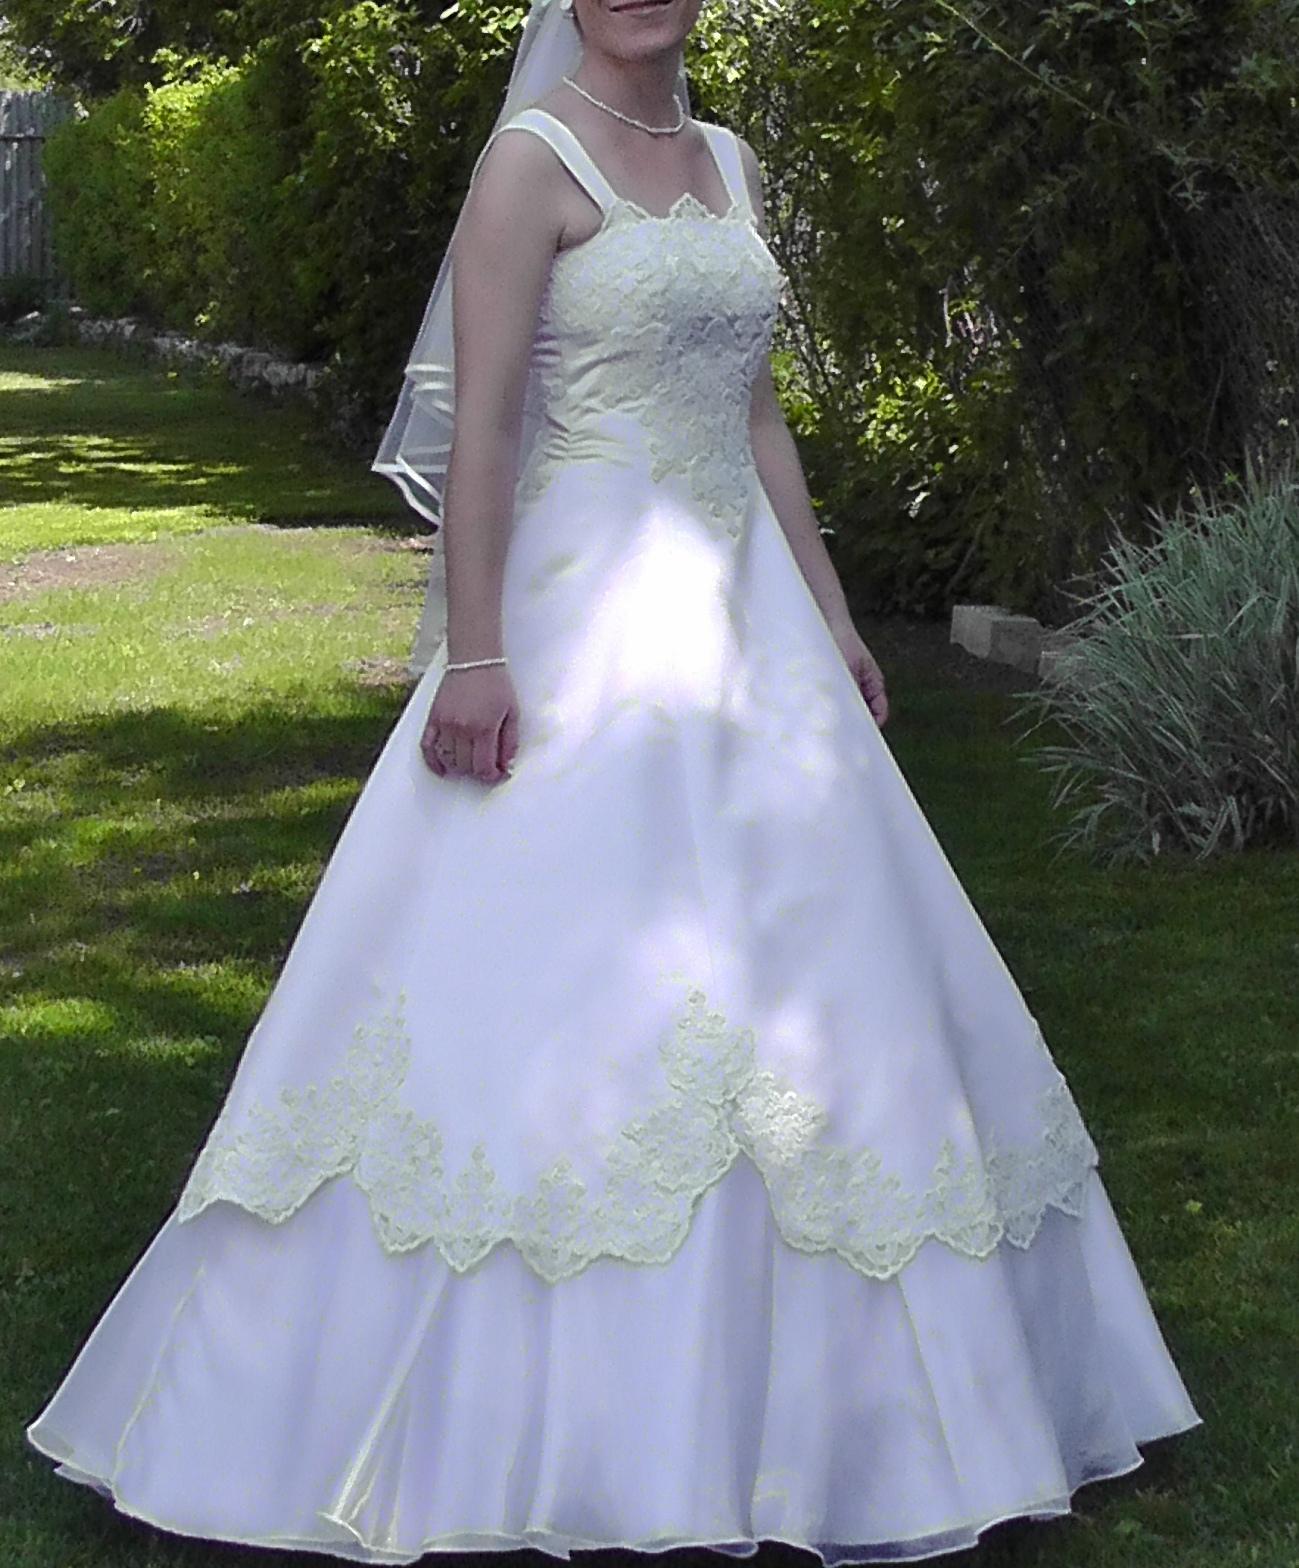 Svadobné šaty s francúzskou krajkou + darčeky - Obrázok č. 1